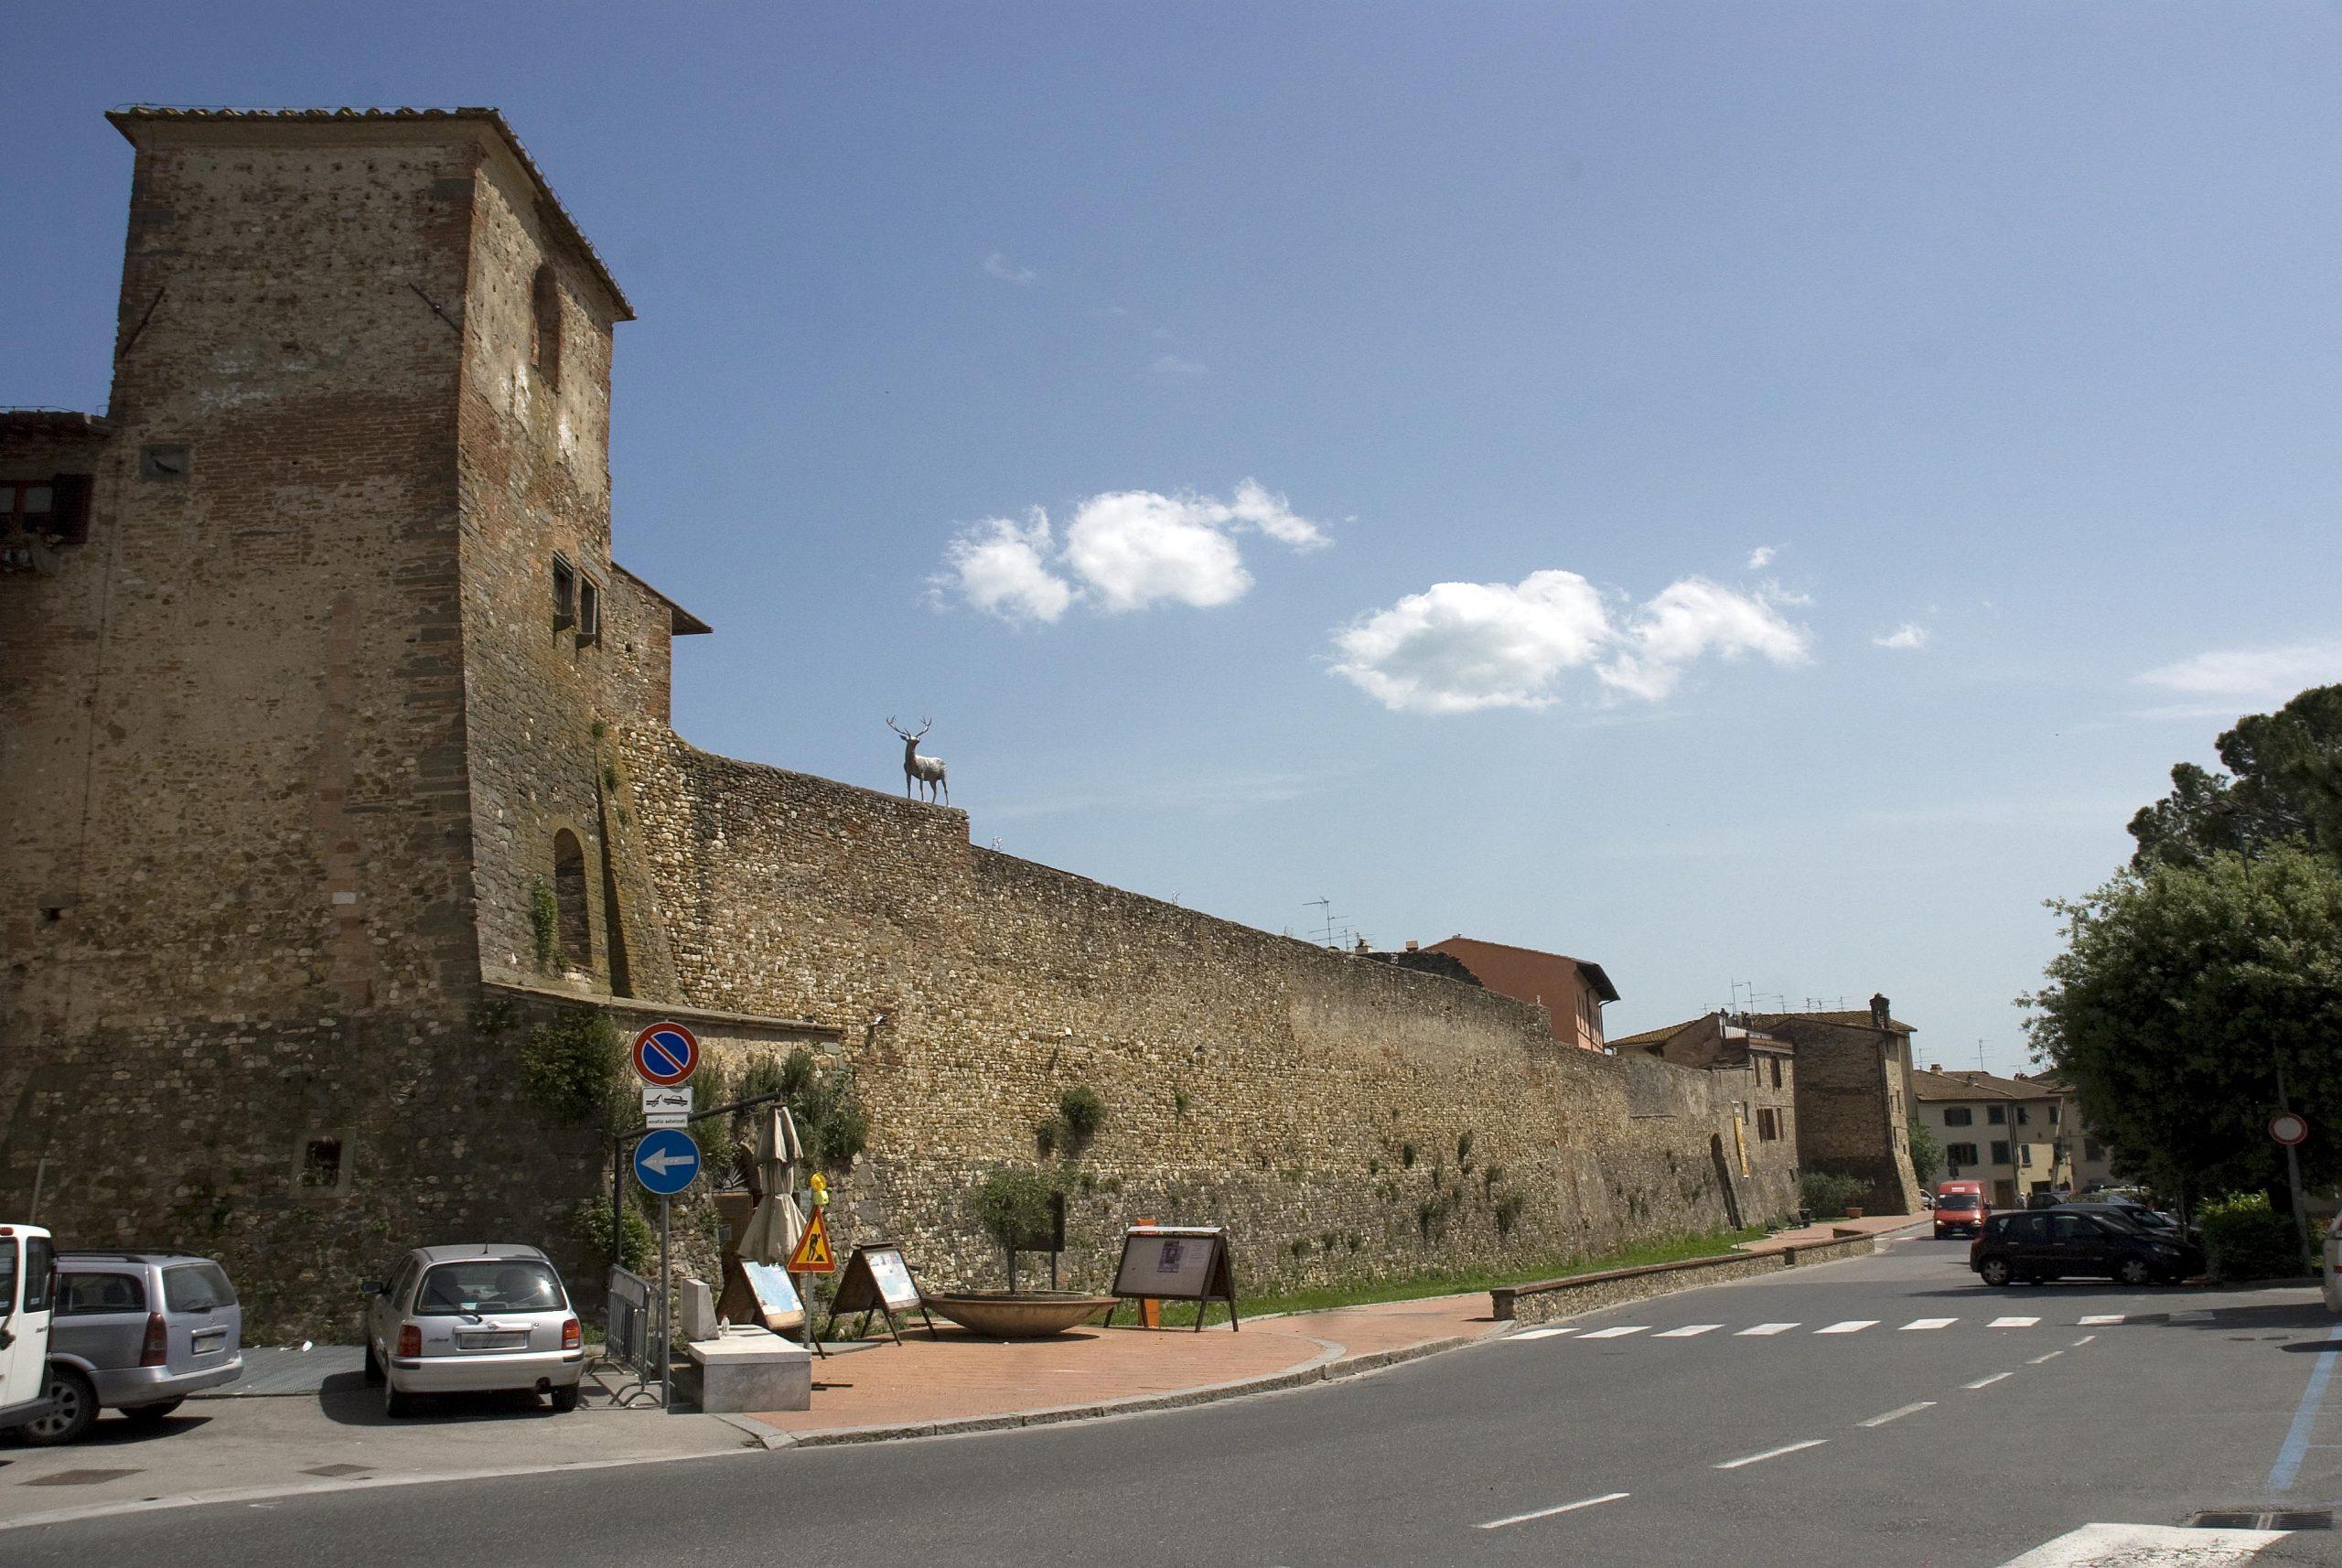 San Casciano, cinquanta eventi da vivere all'aperto tra le mura medievali